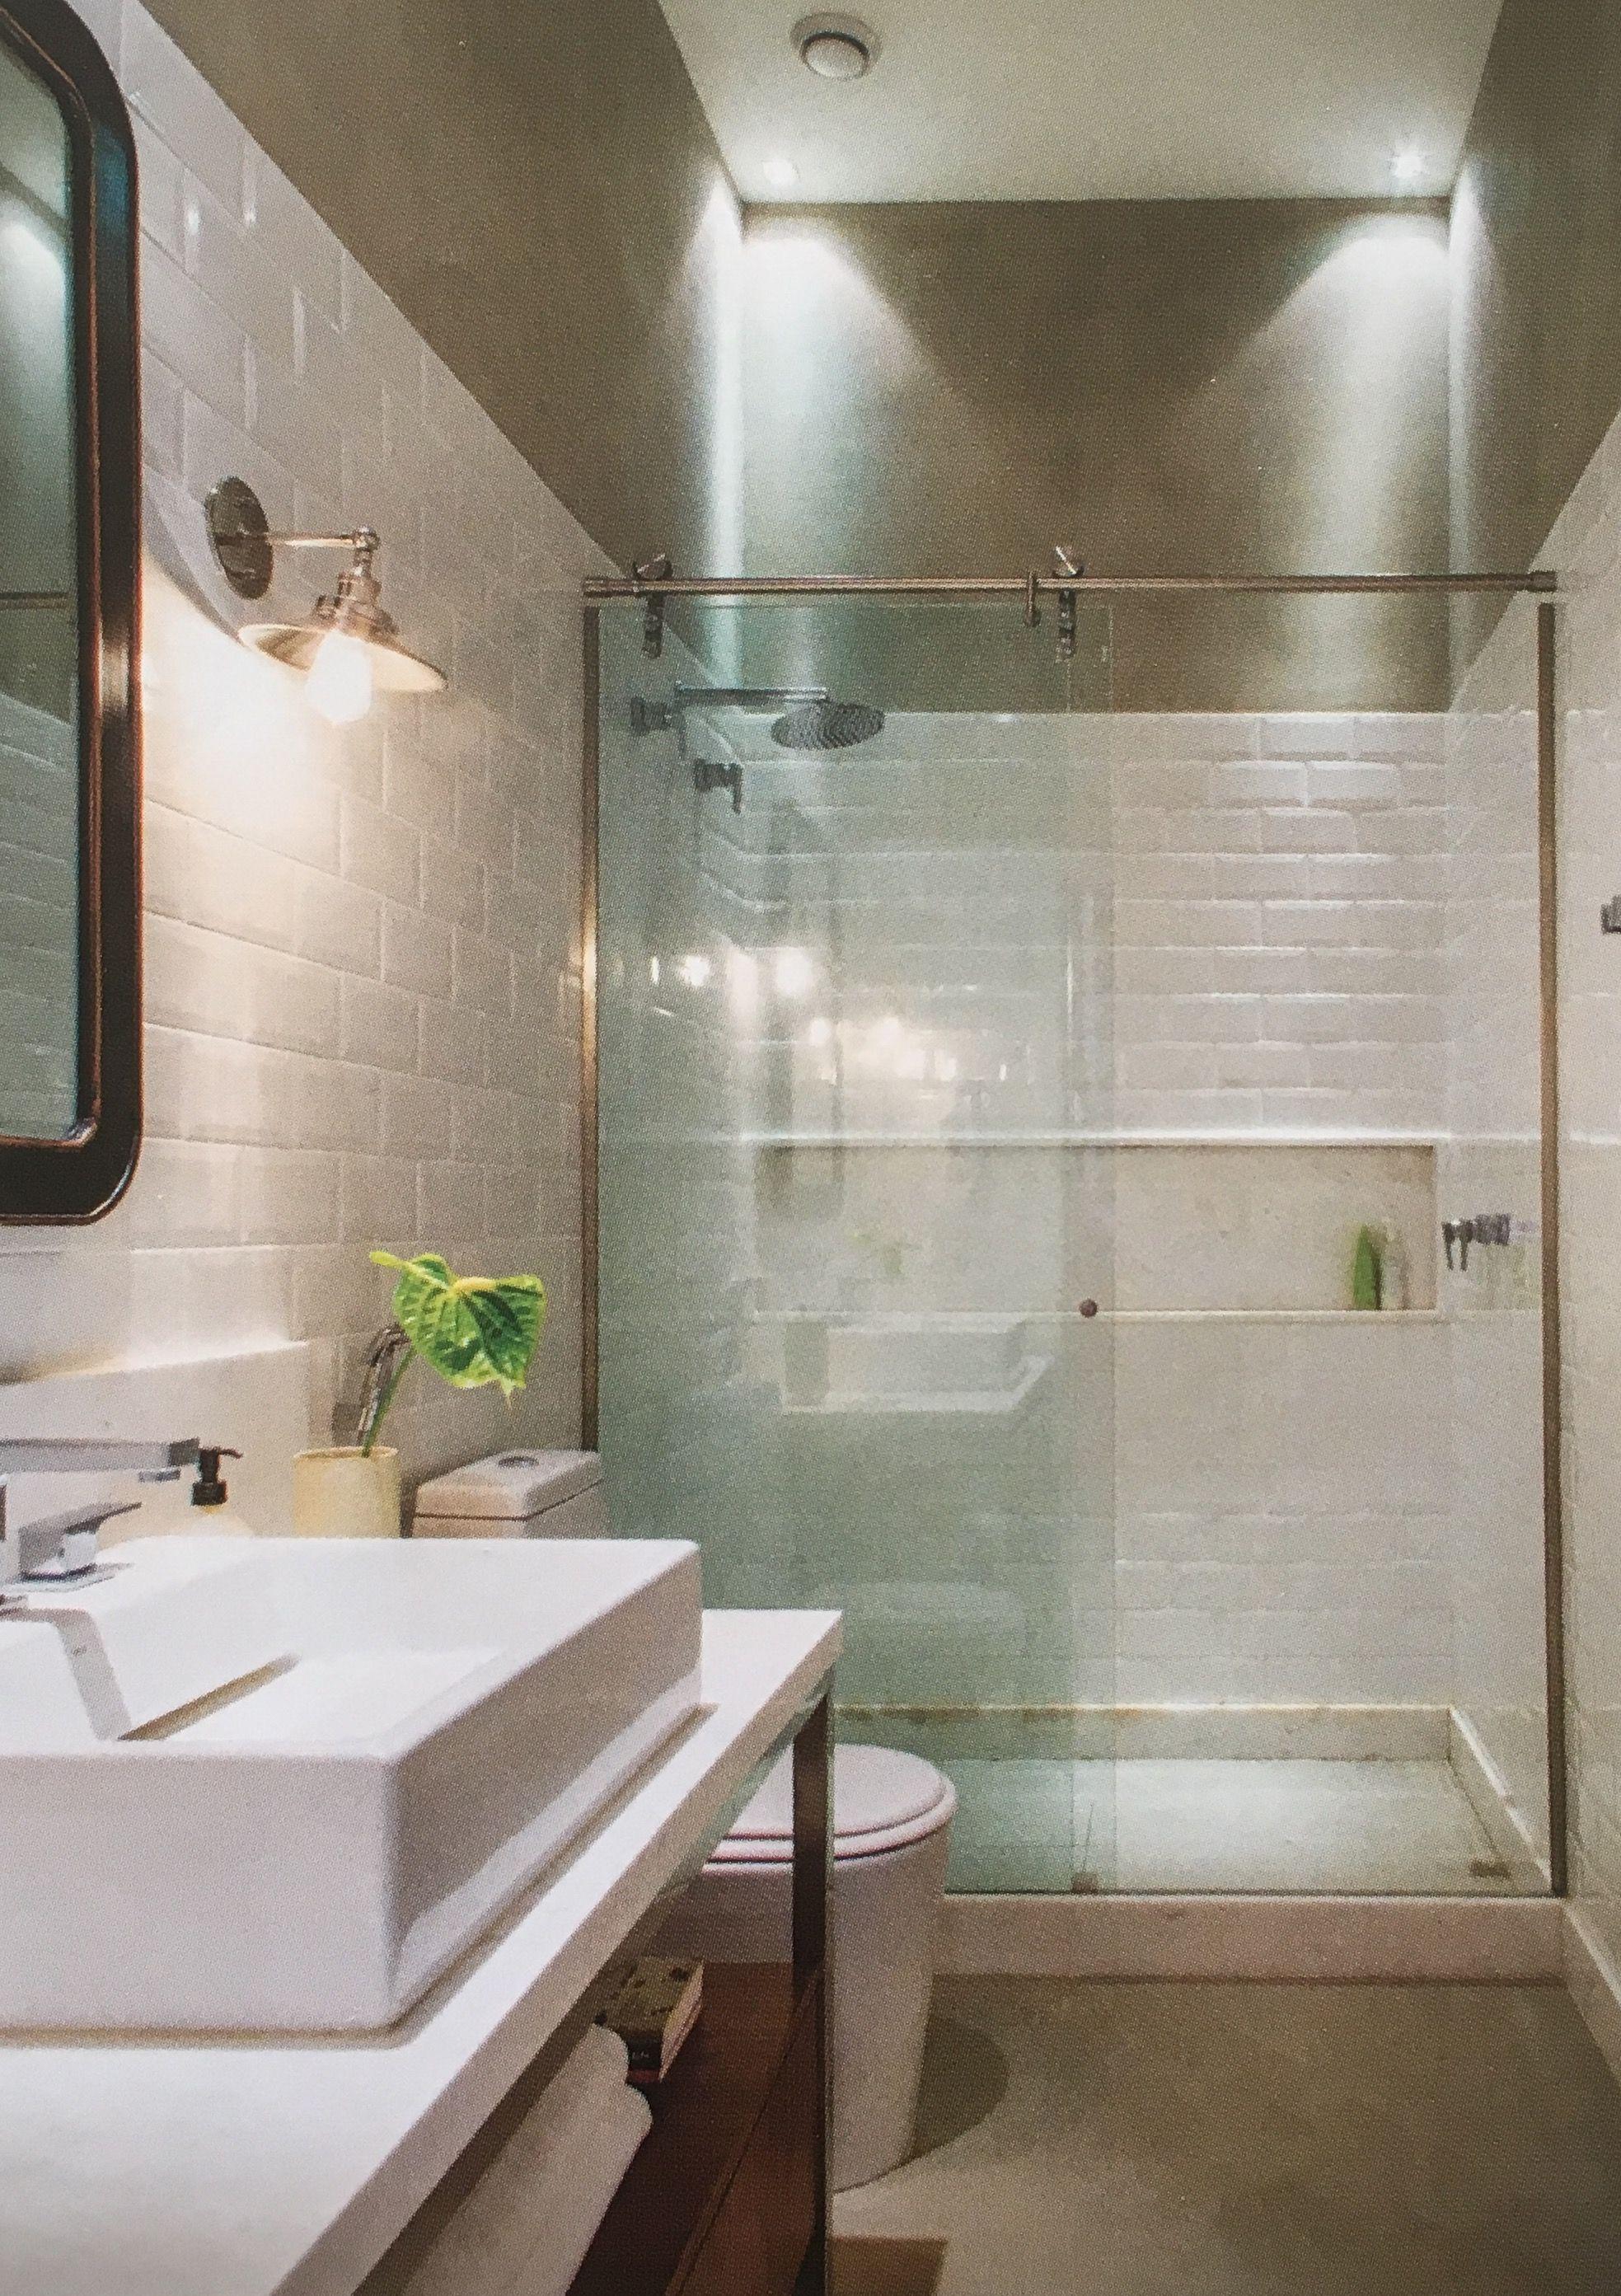 Geräumig Ideen Für Kleine Bäder Dekoration Von Badezimmer, Raum, Kaufen, Thai E, Wc-design, Bäder,